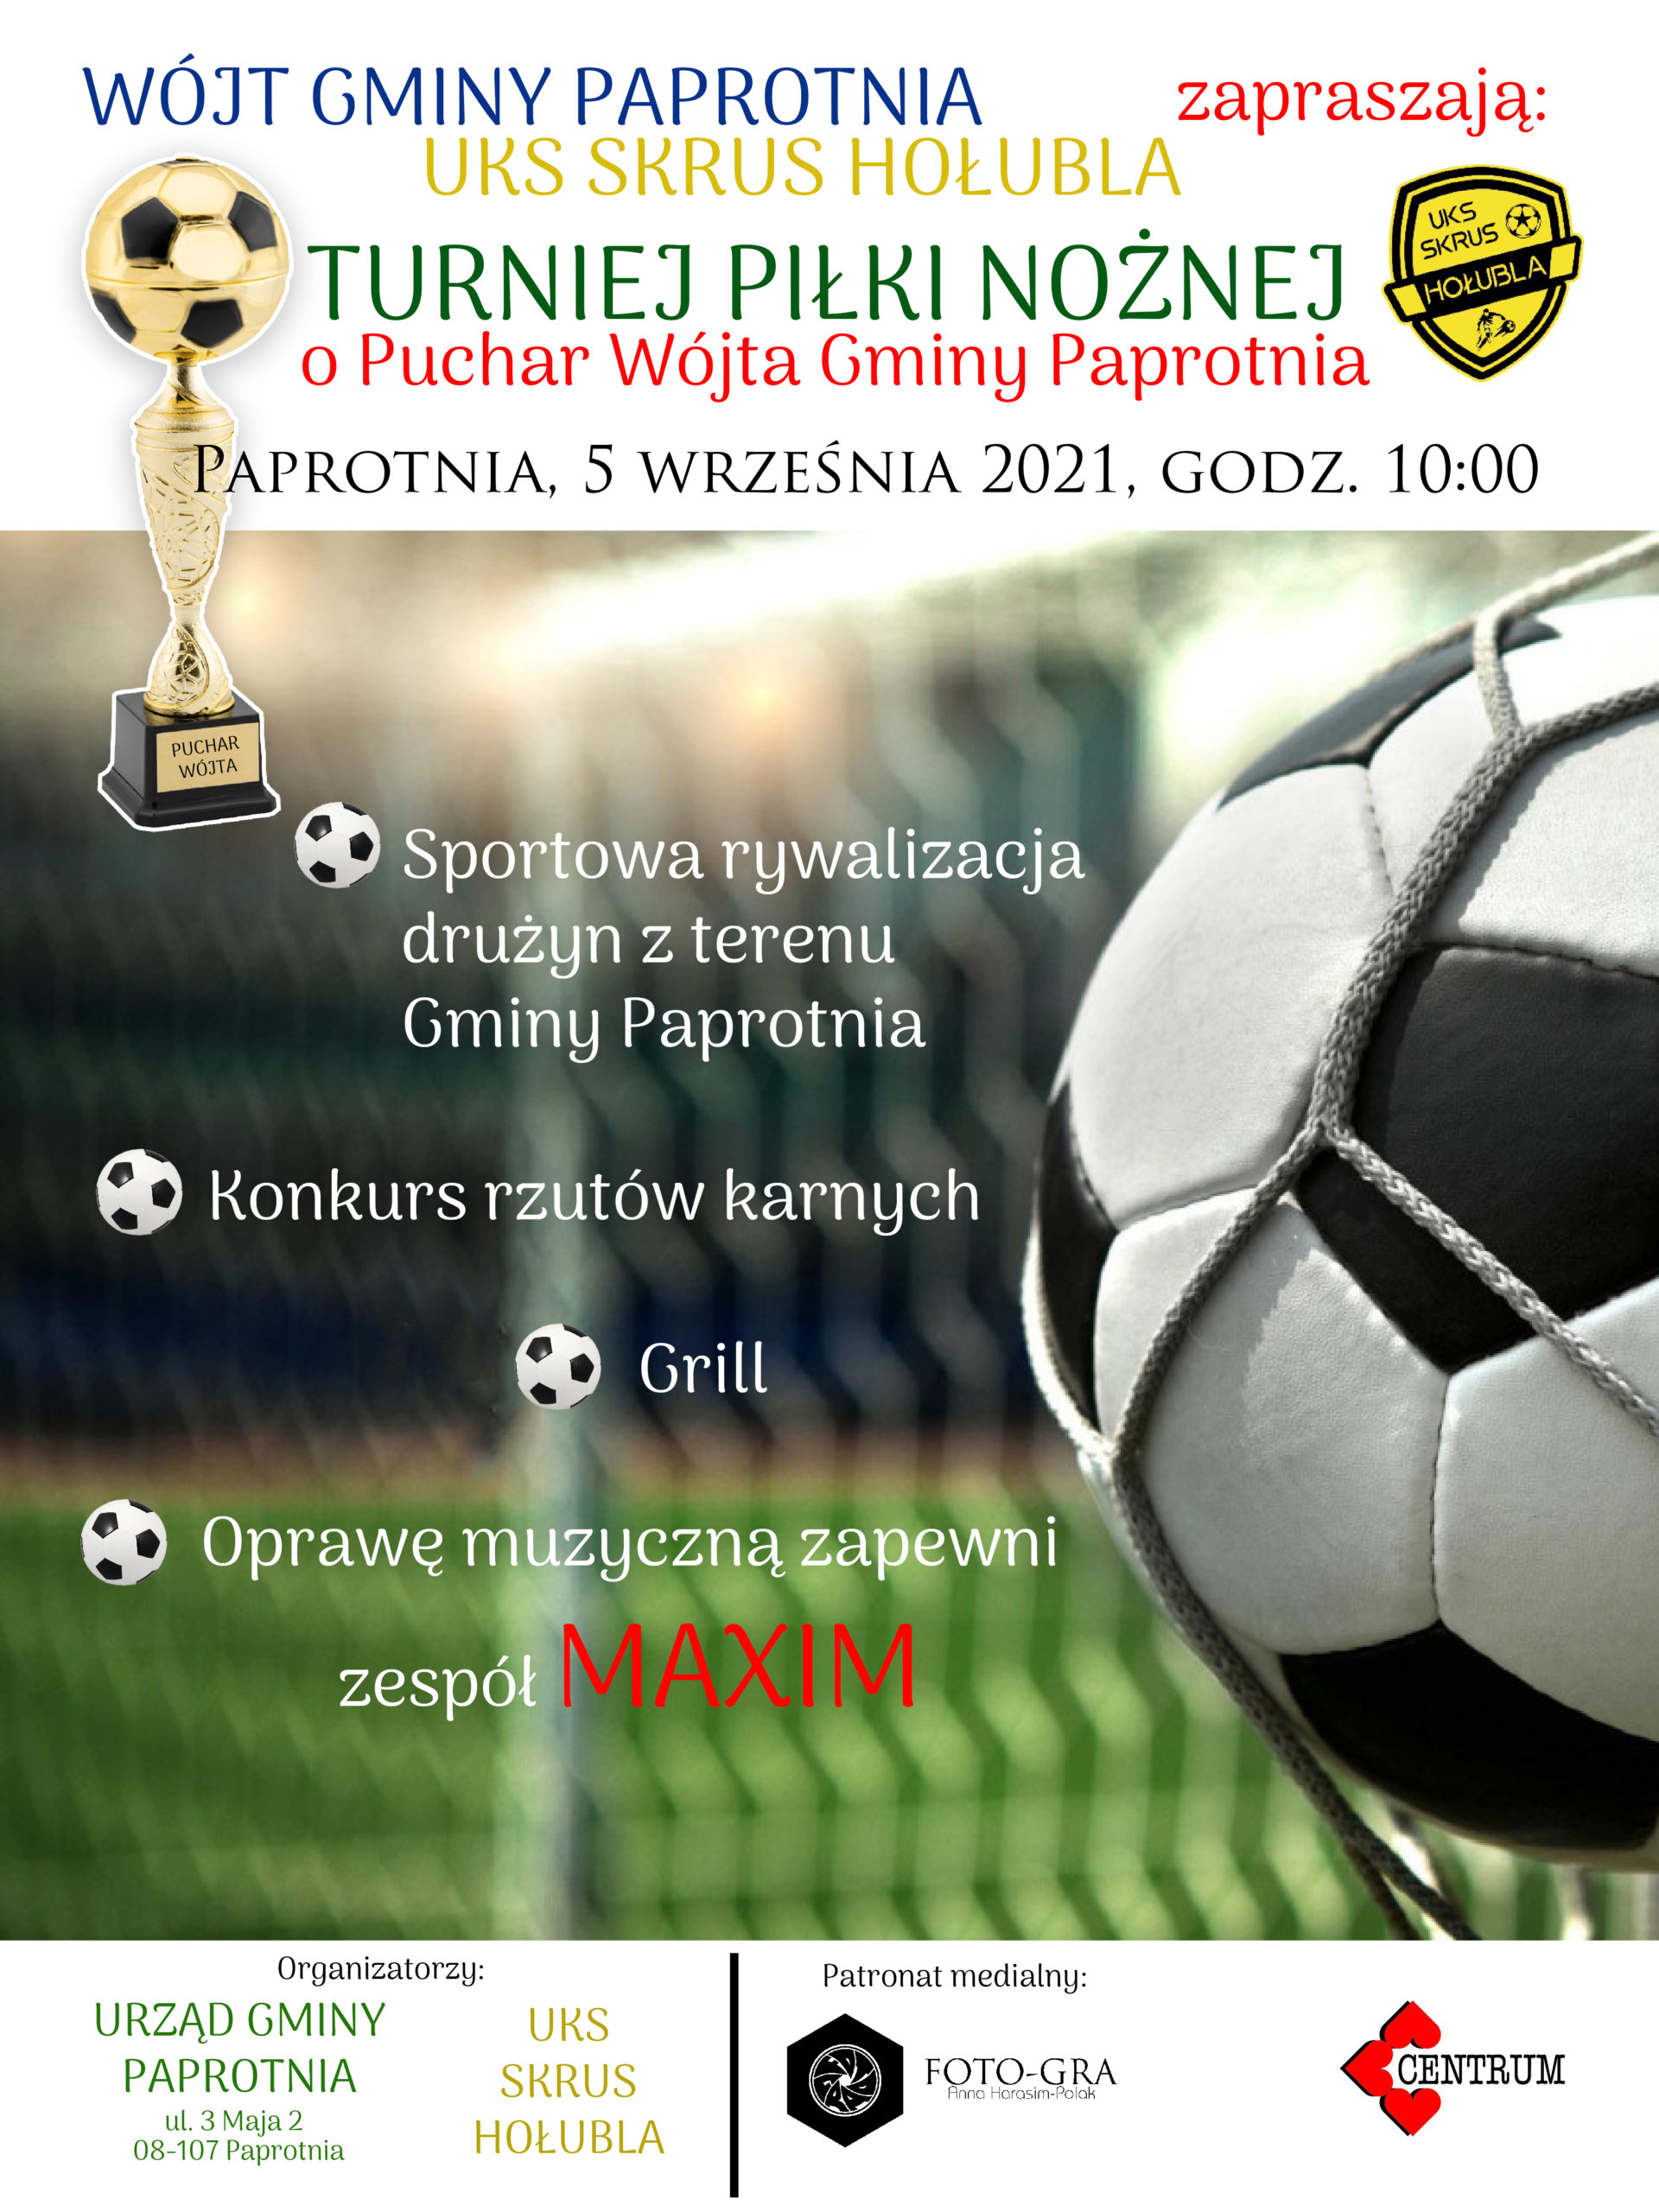 Plakat- turniej piłki nożnej o Puchar Wójta Gminy Paprotnia